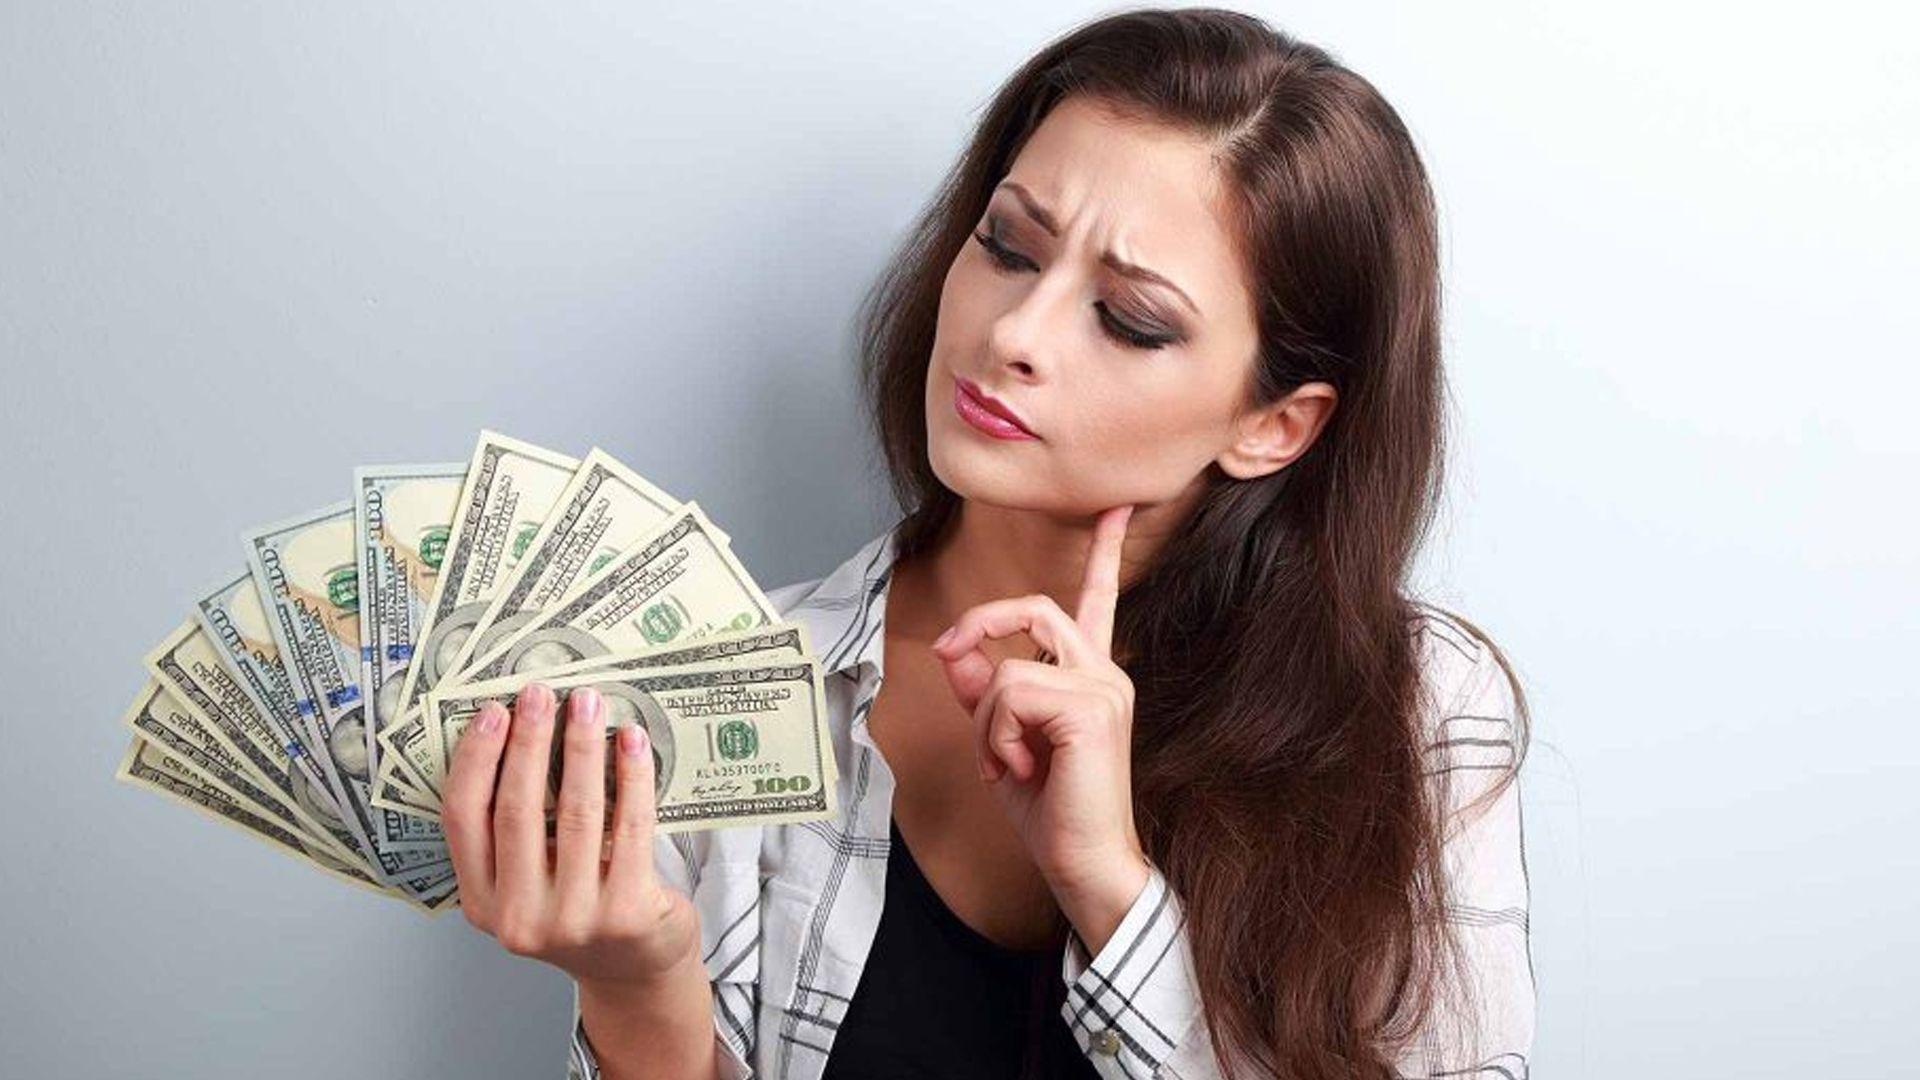 prekybos prekybos doleris mobilusis bitkoinas